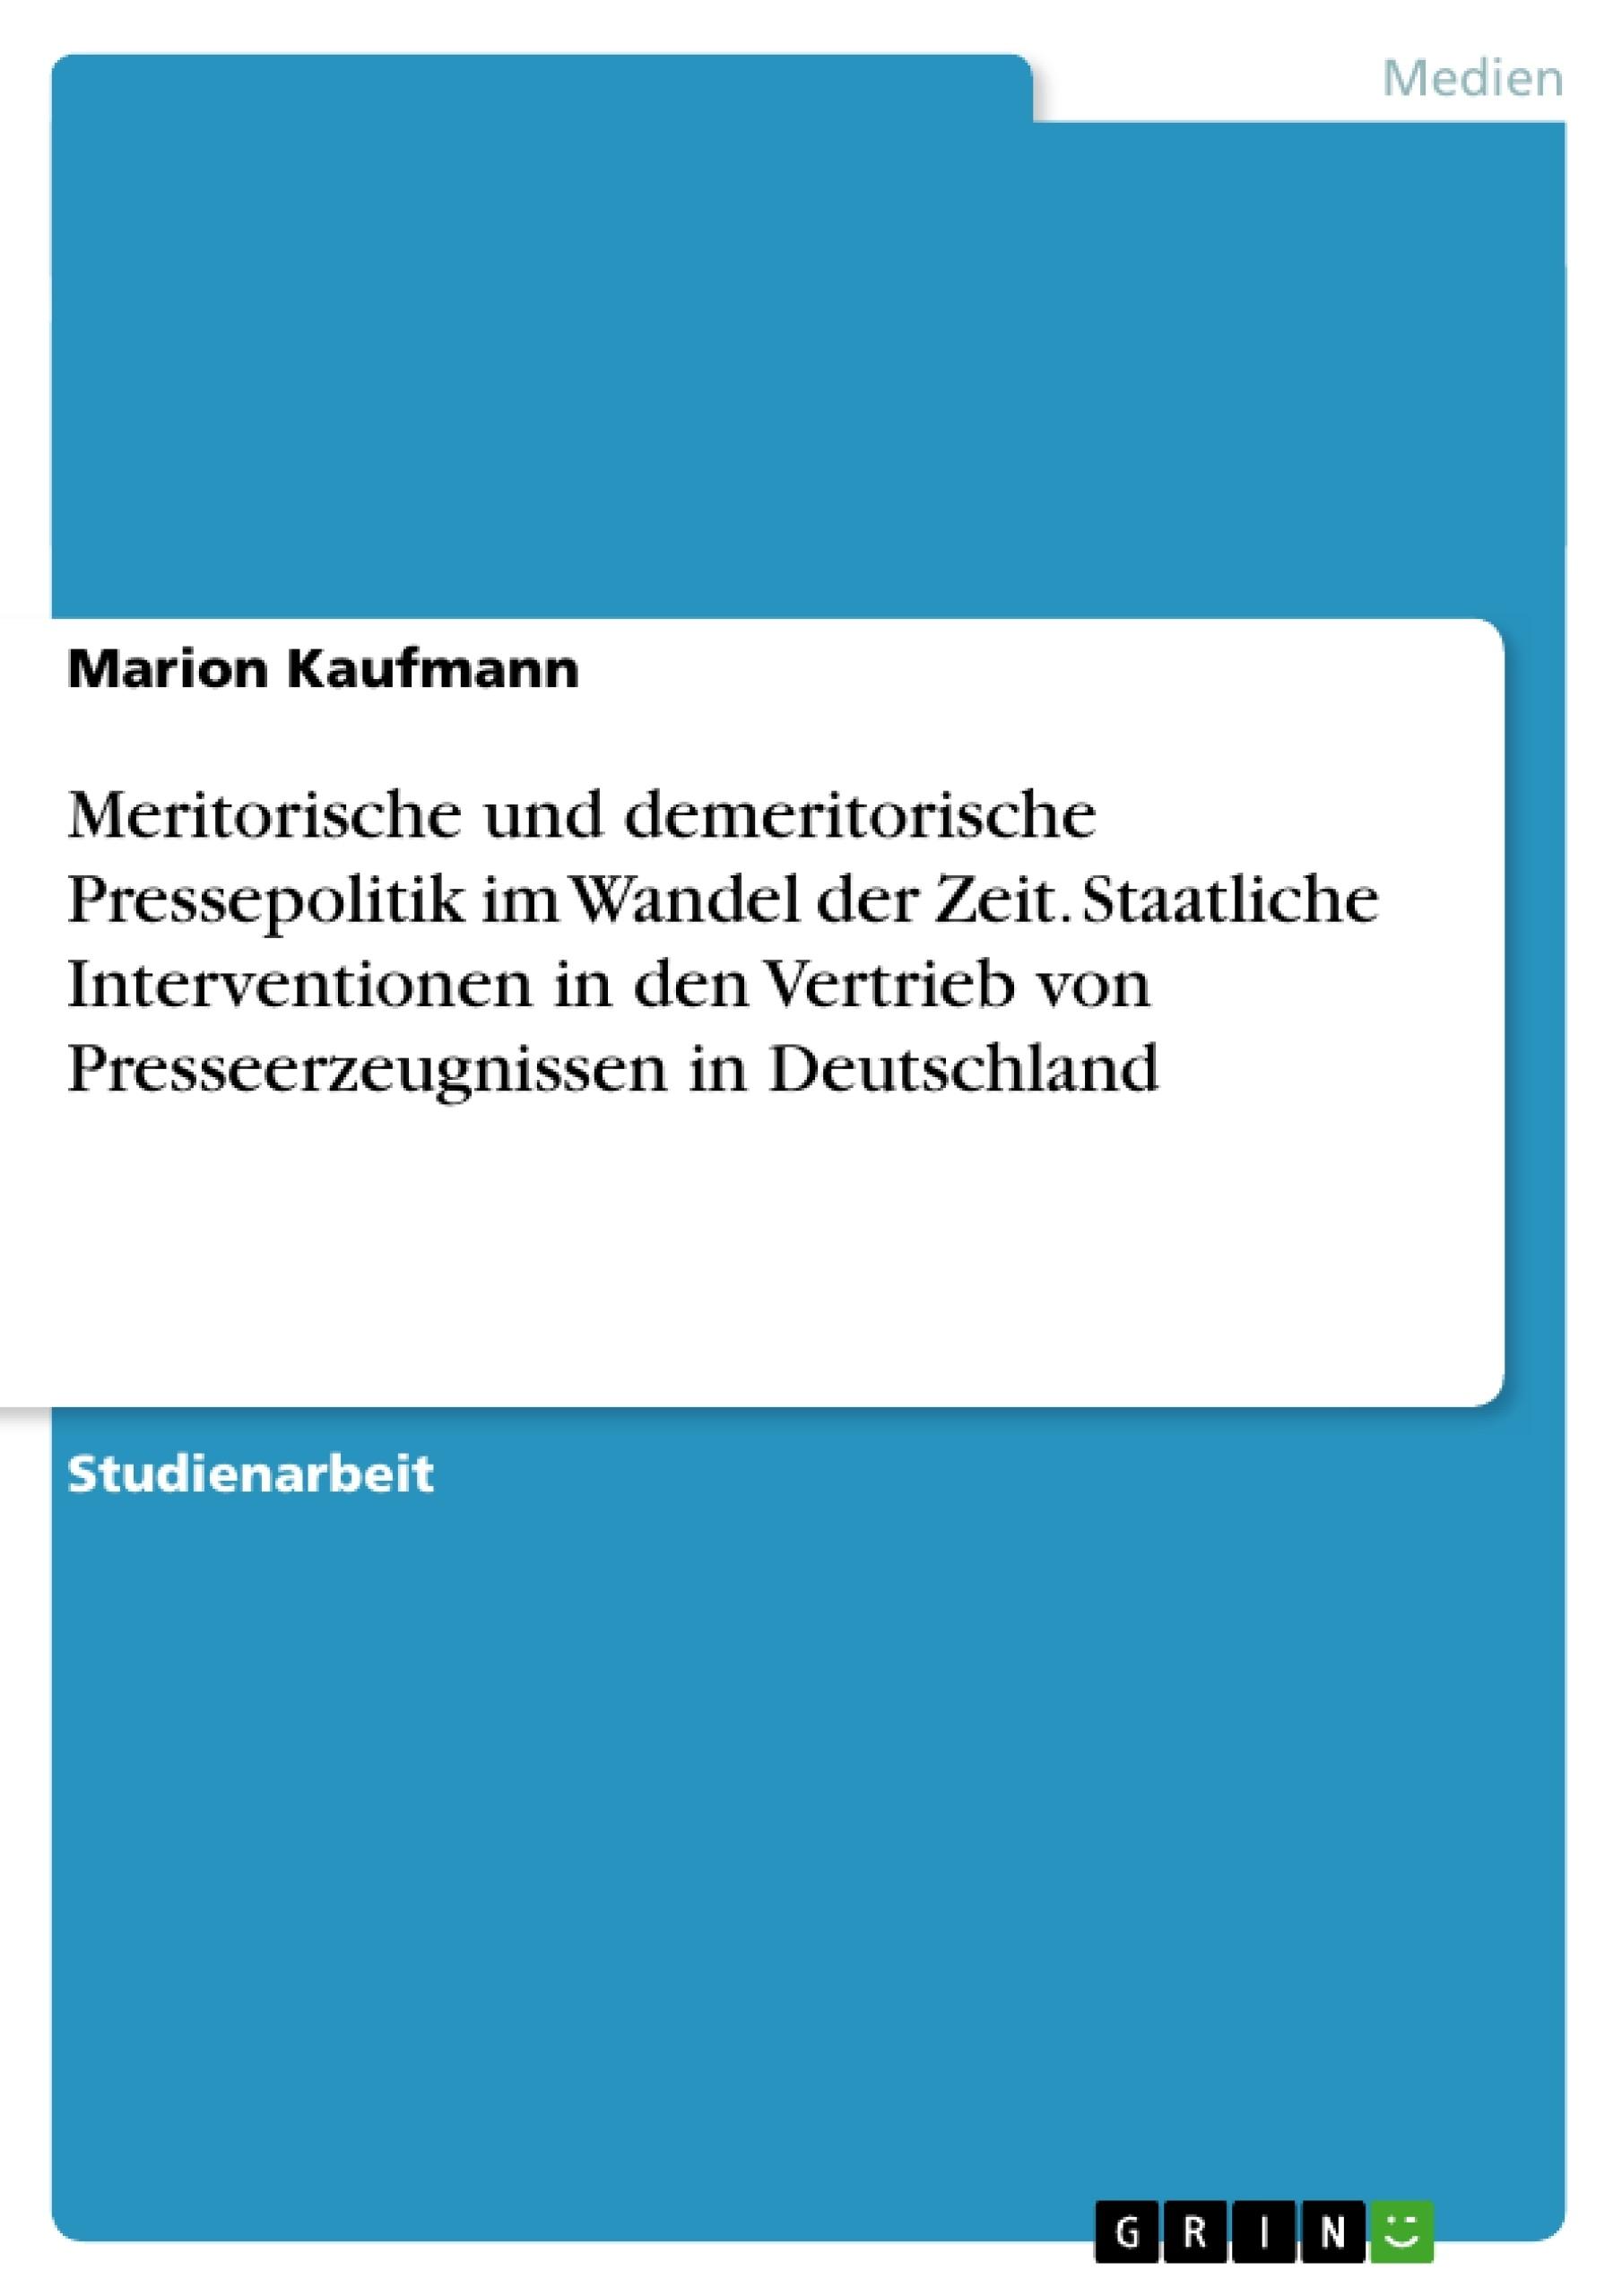 Titel: Meritorische und demeritorische Pressepolitik im Wandel der Zeit. Staatliche Interventionen in den Vertrieb von Presseerzeugnissen in Deutschland